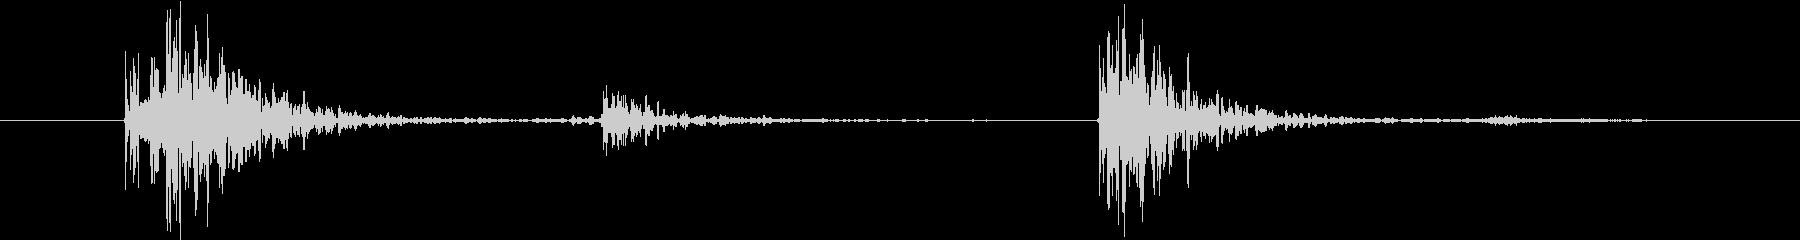 自動車またはトラック:内線:ボンネ...の未再生の波形